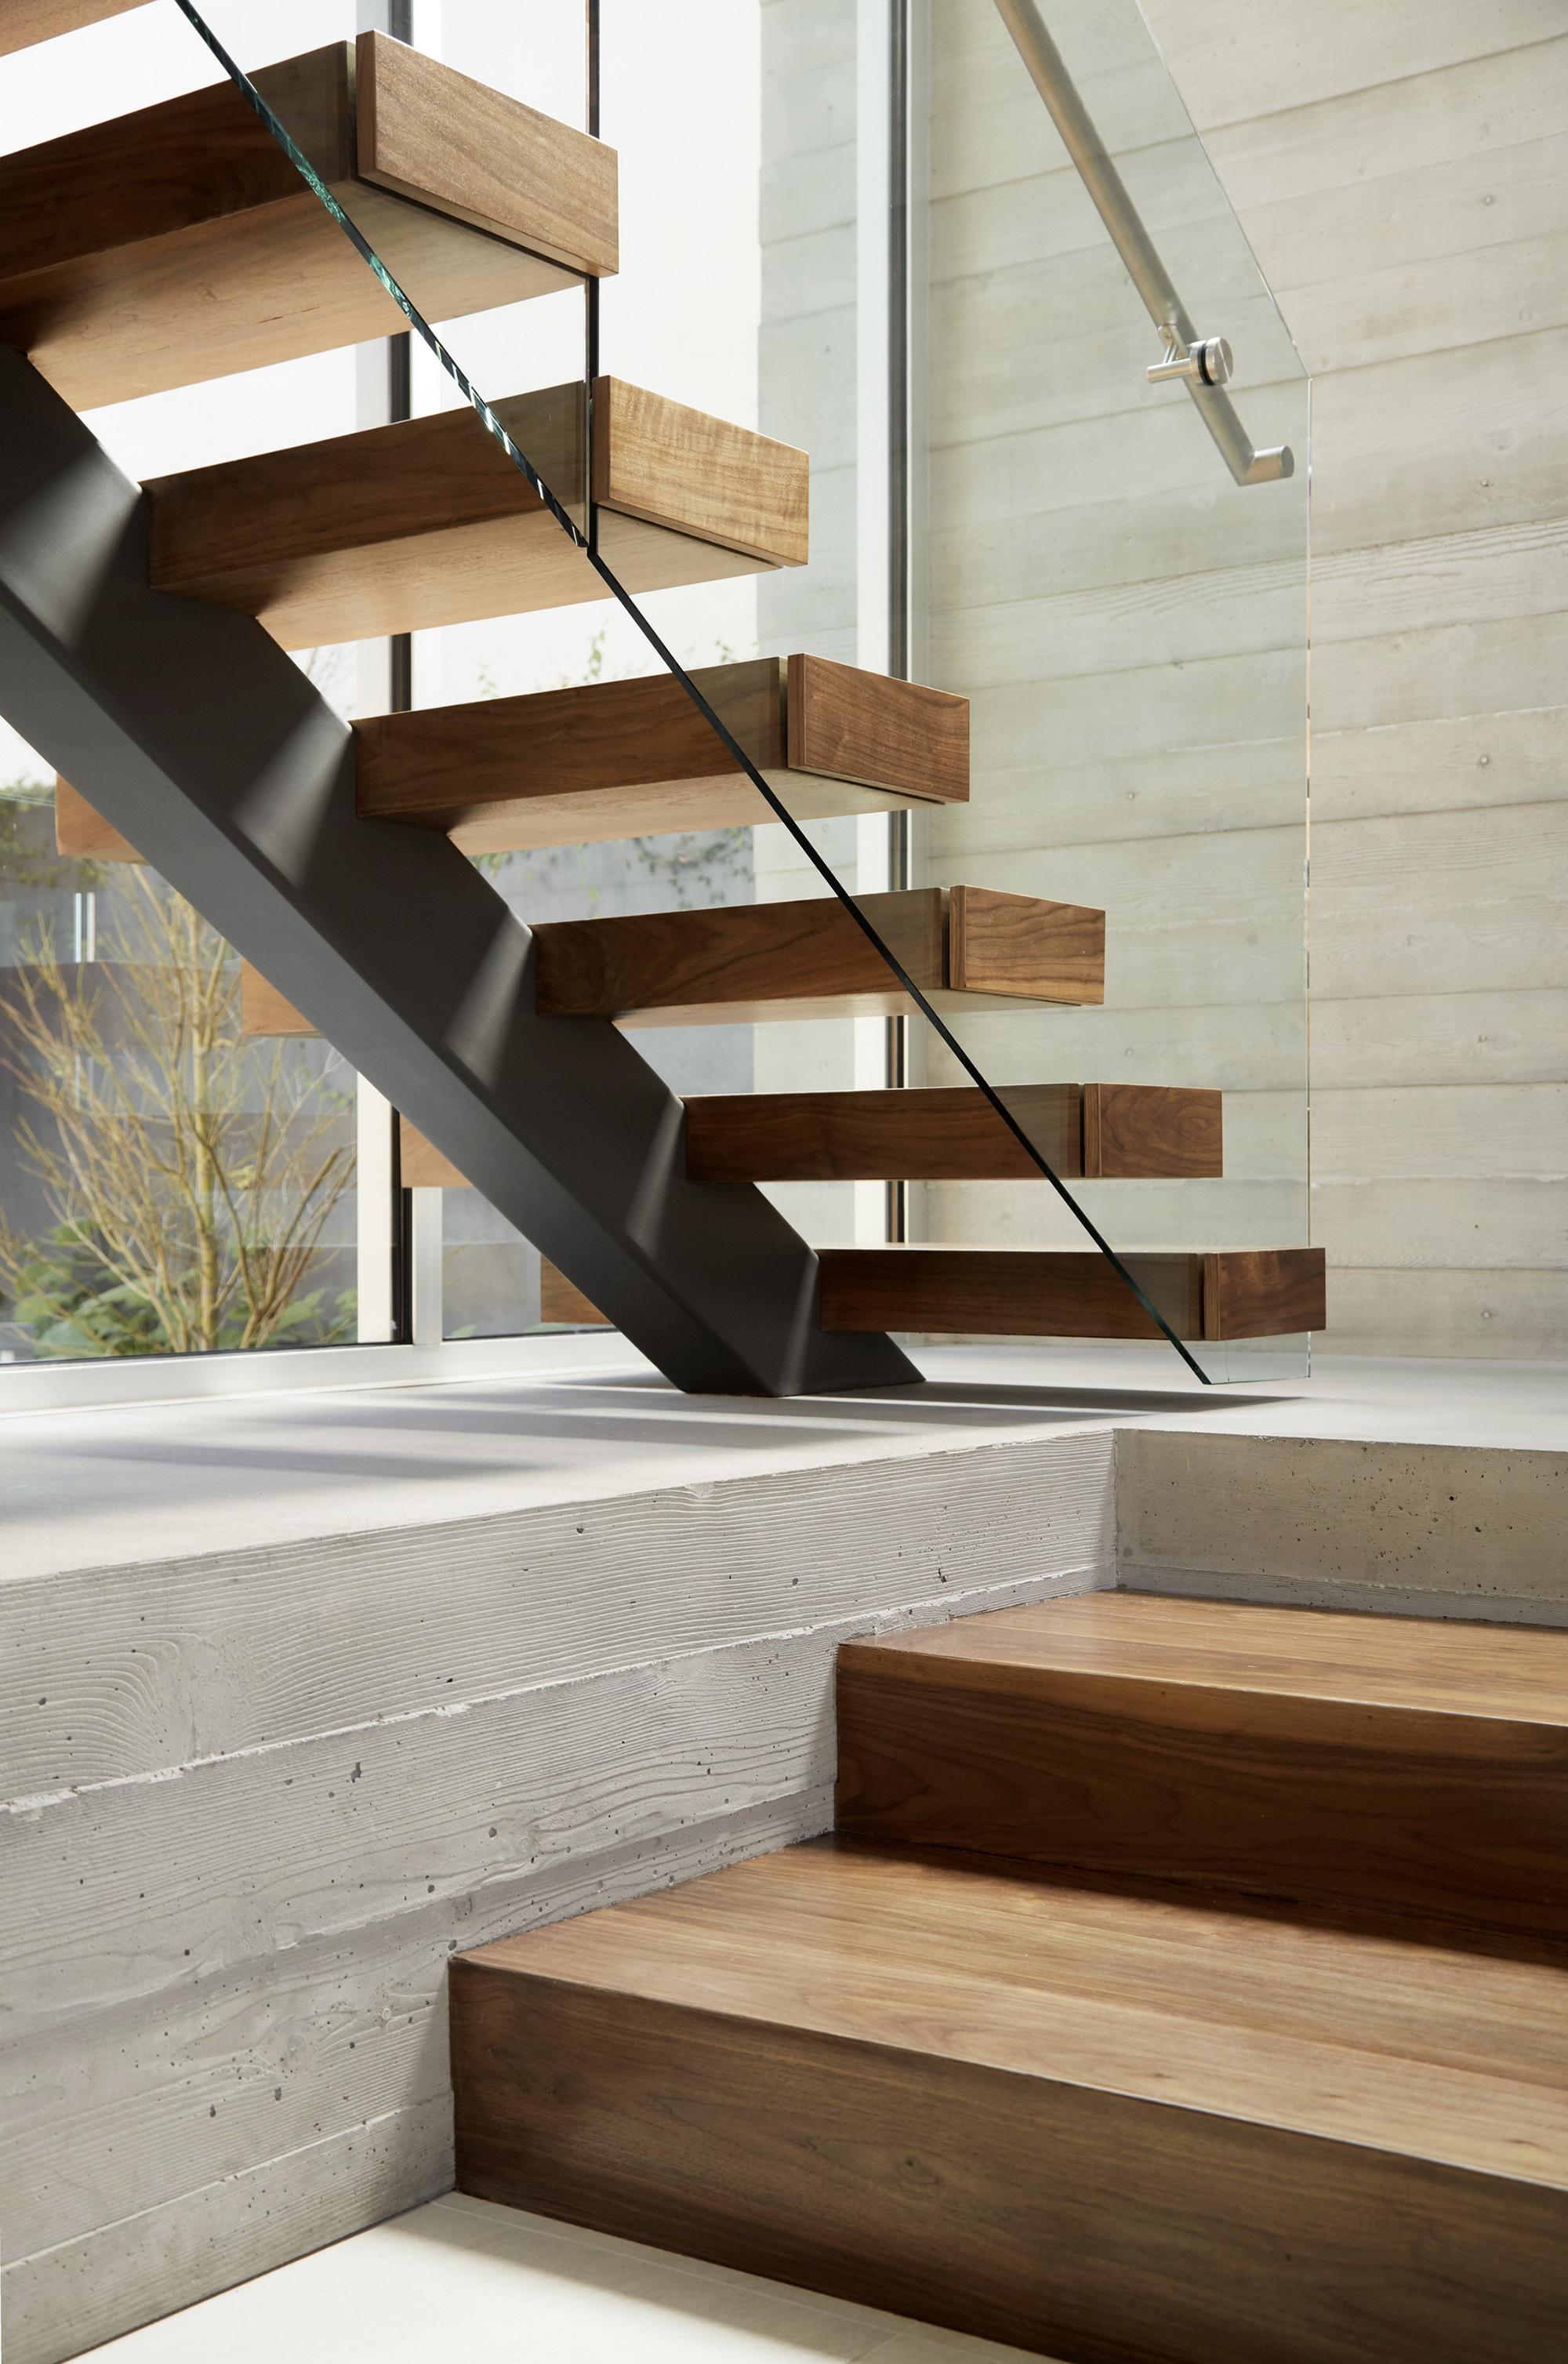 Galer a de crescent drive ehrlich architects 14 - Limposante residence contemporaine de ehrlich architects ...